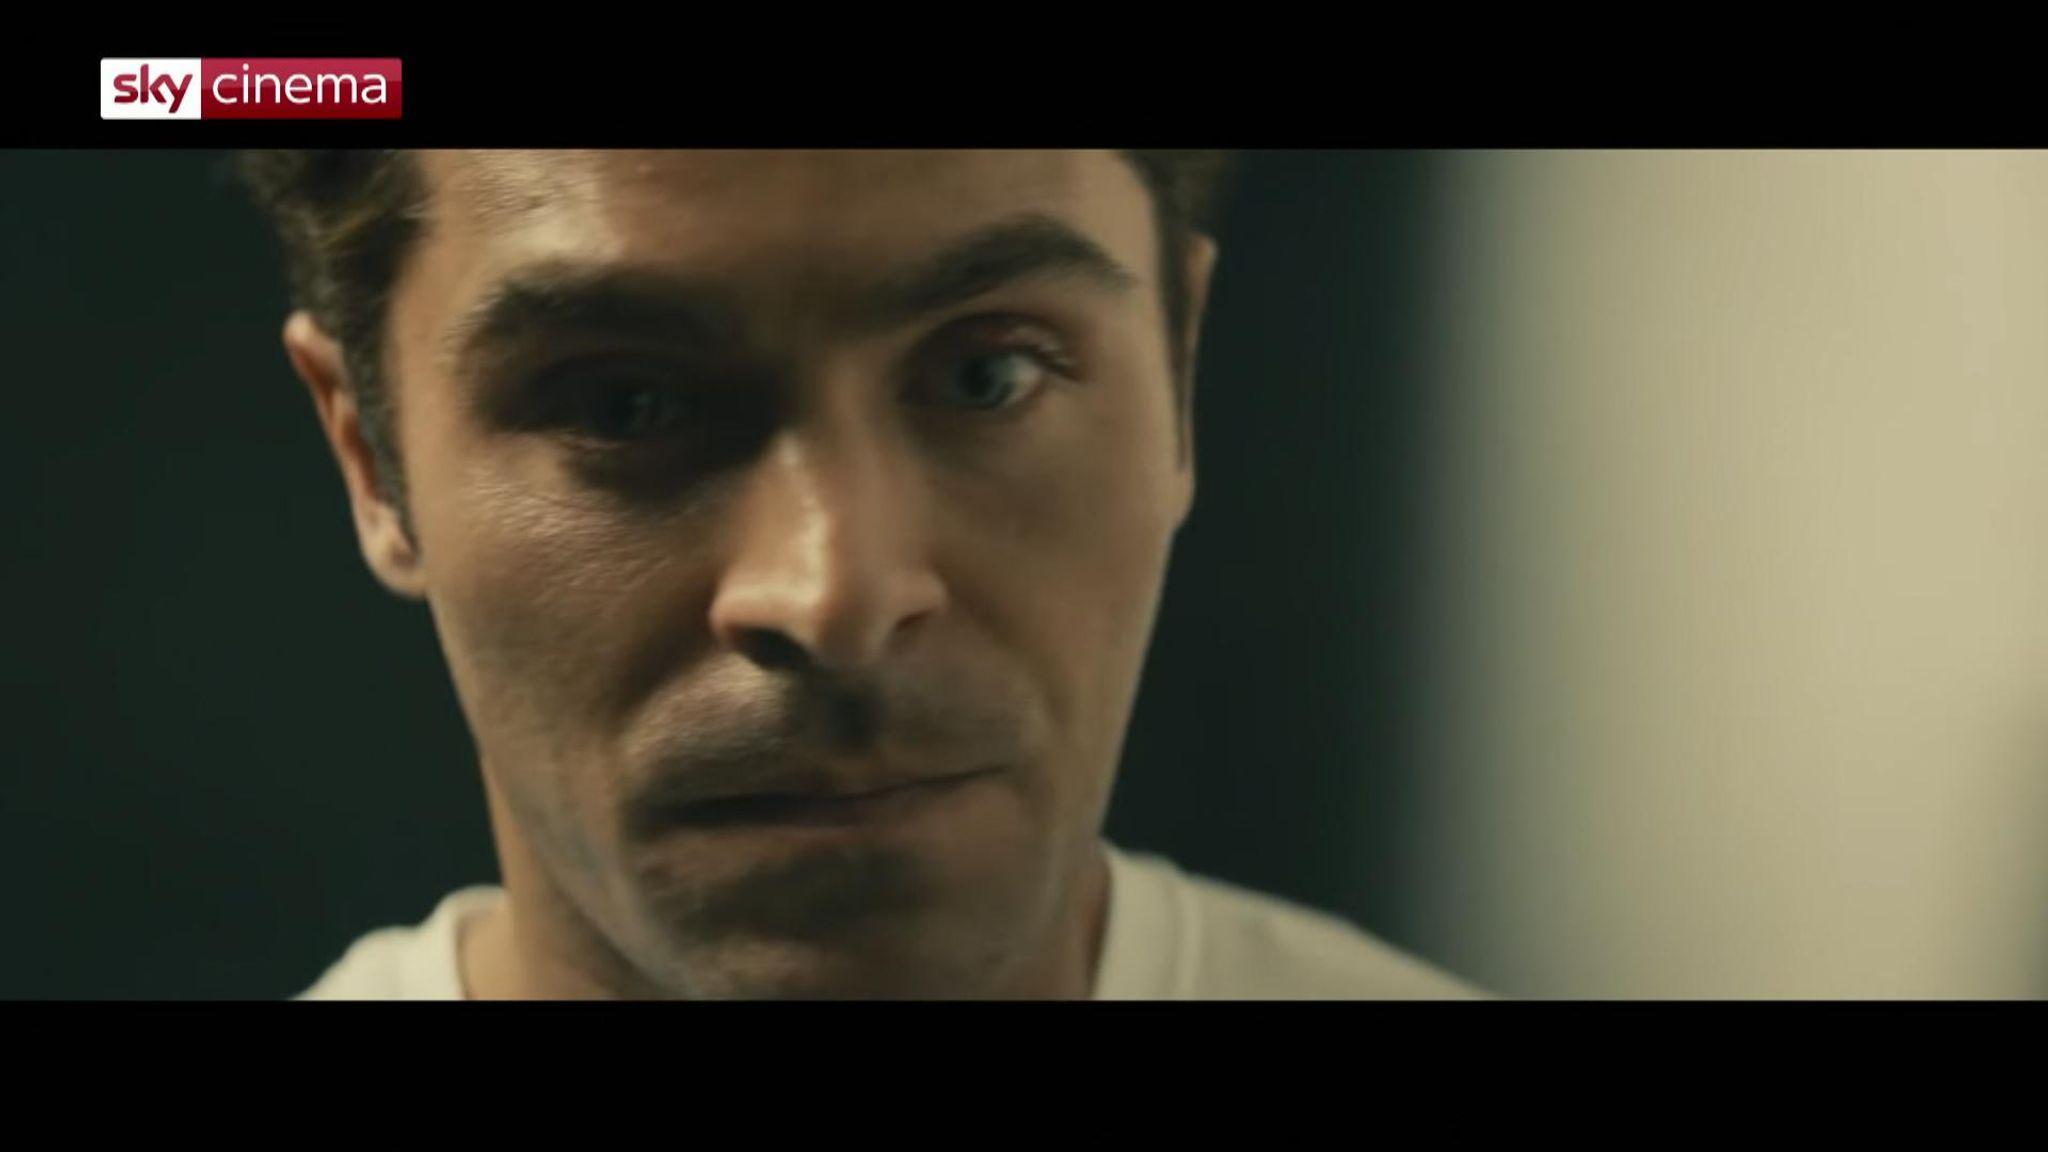 zac efron serial killer movie